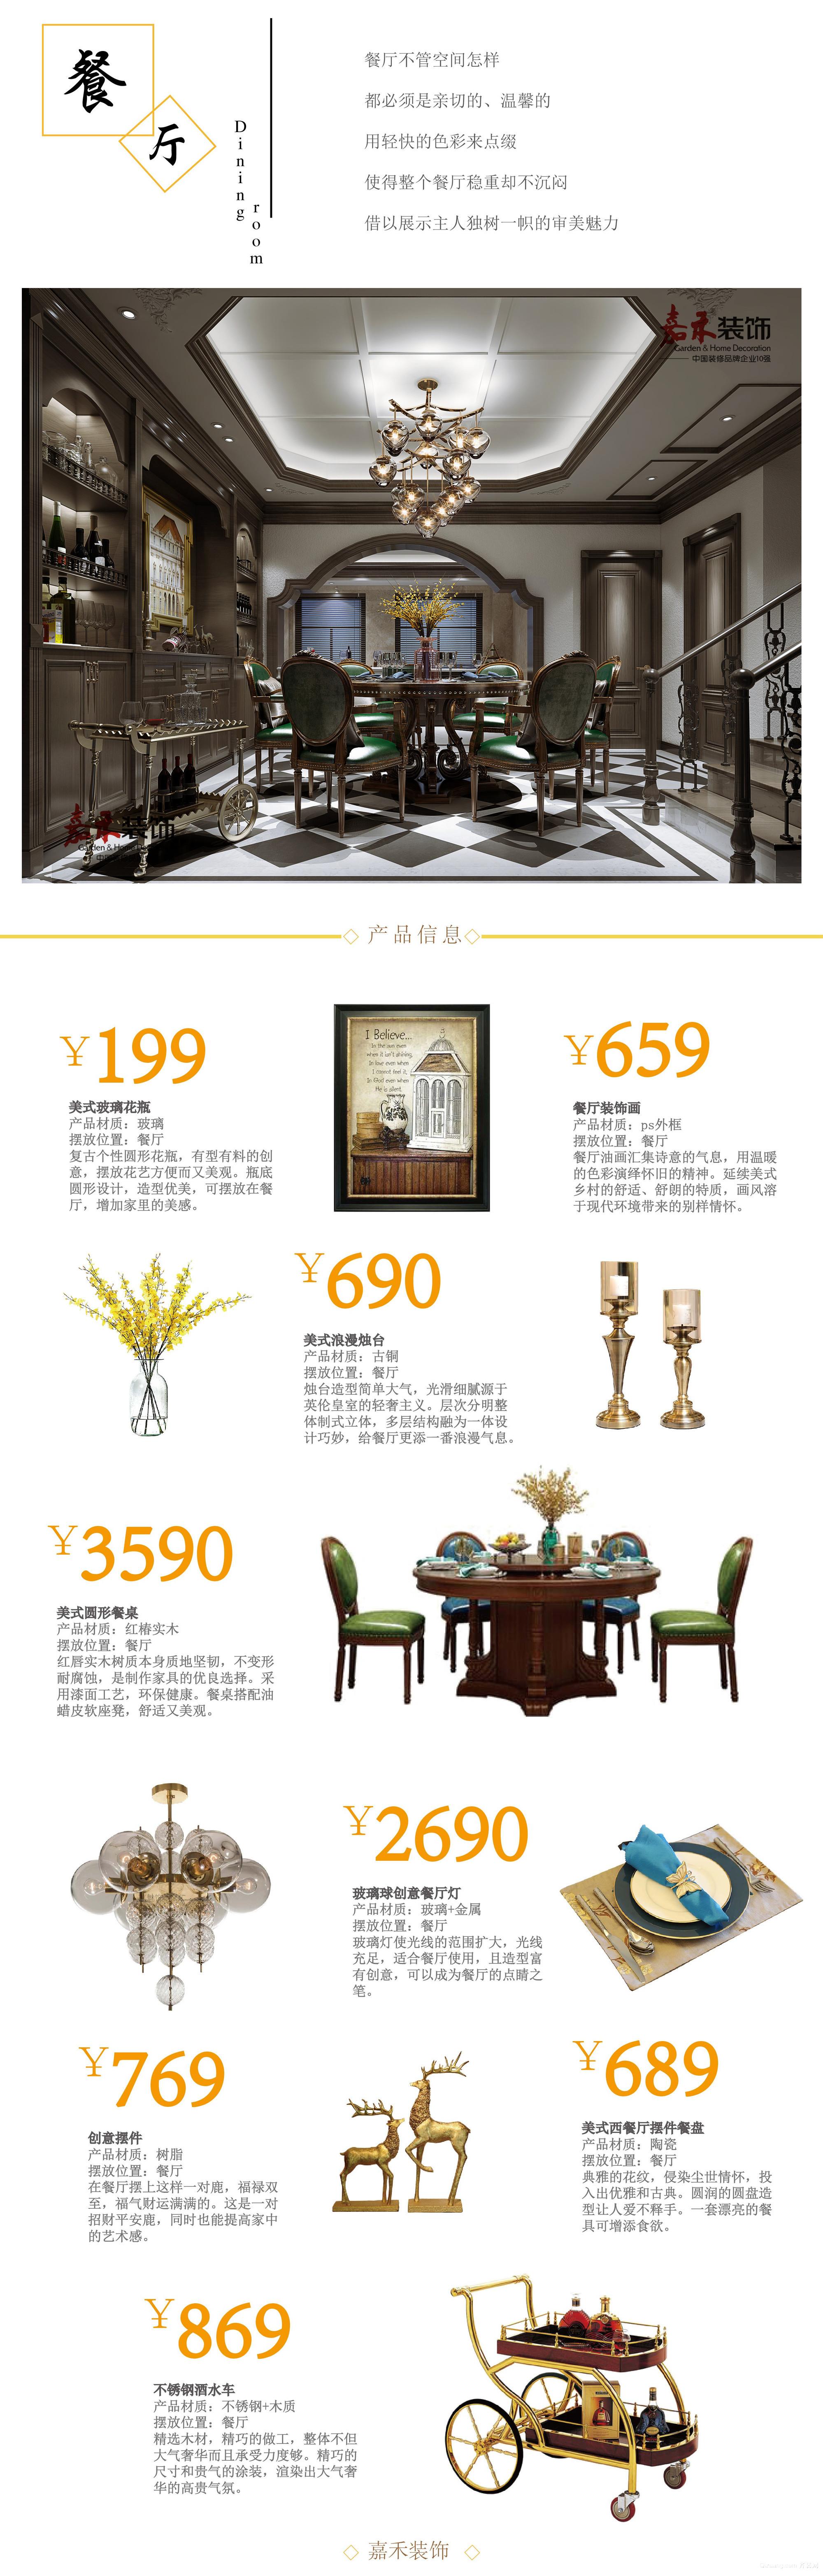 黄梅别墅美式风格装修效果图实景图